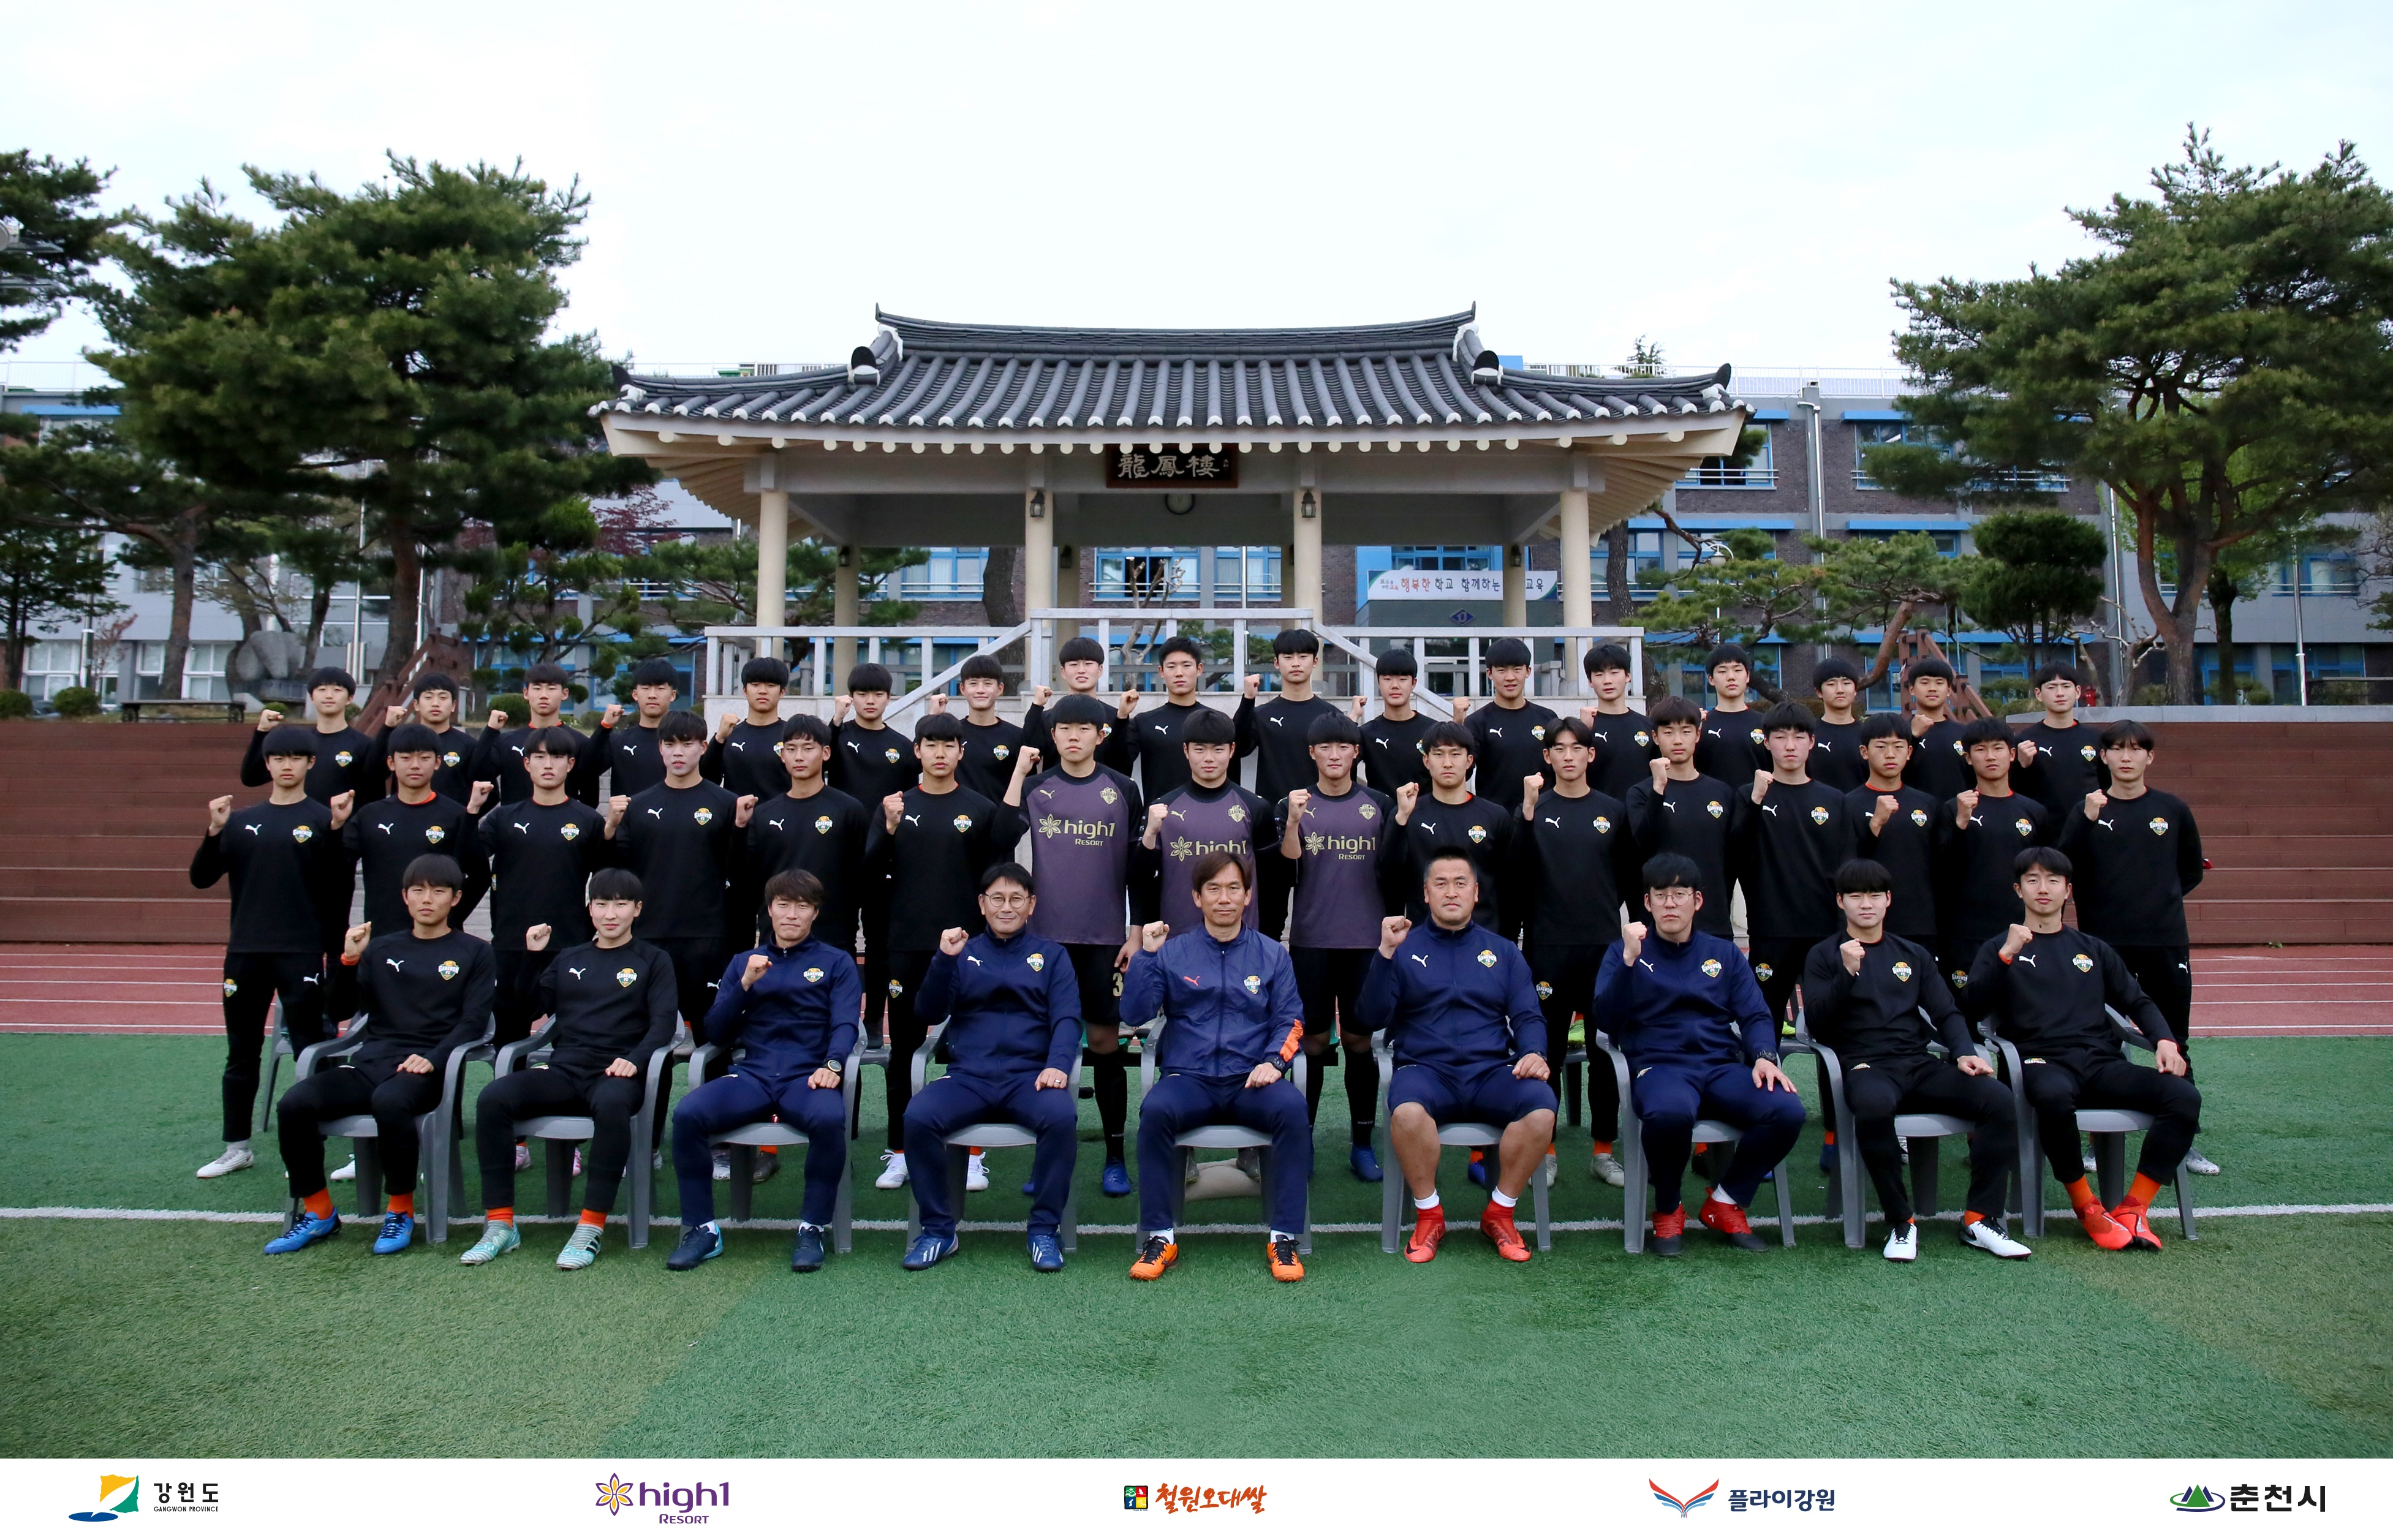 강원FC U-18 강릉제일고, 11년 만에 도 대표 선발